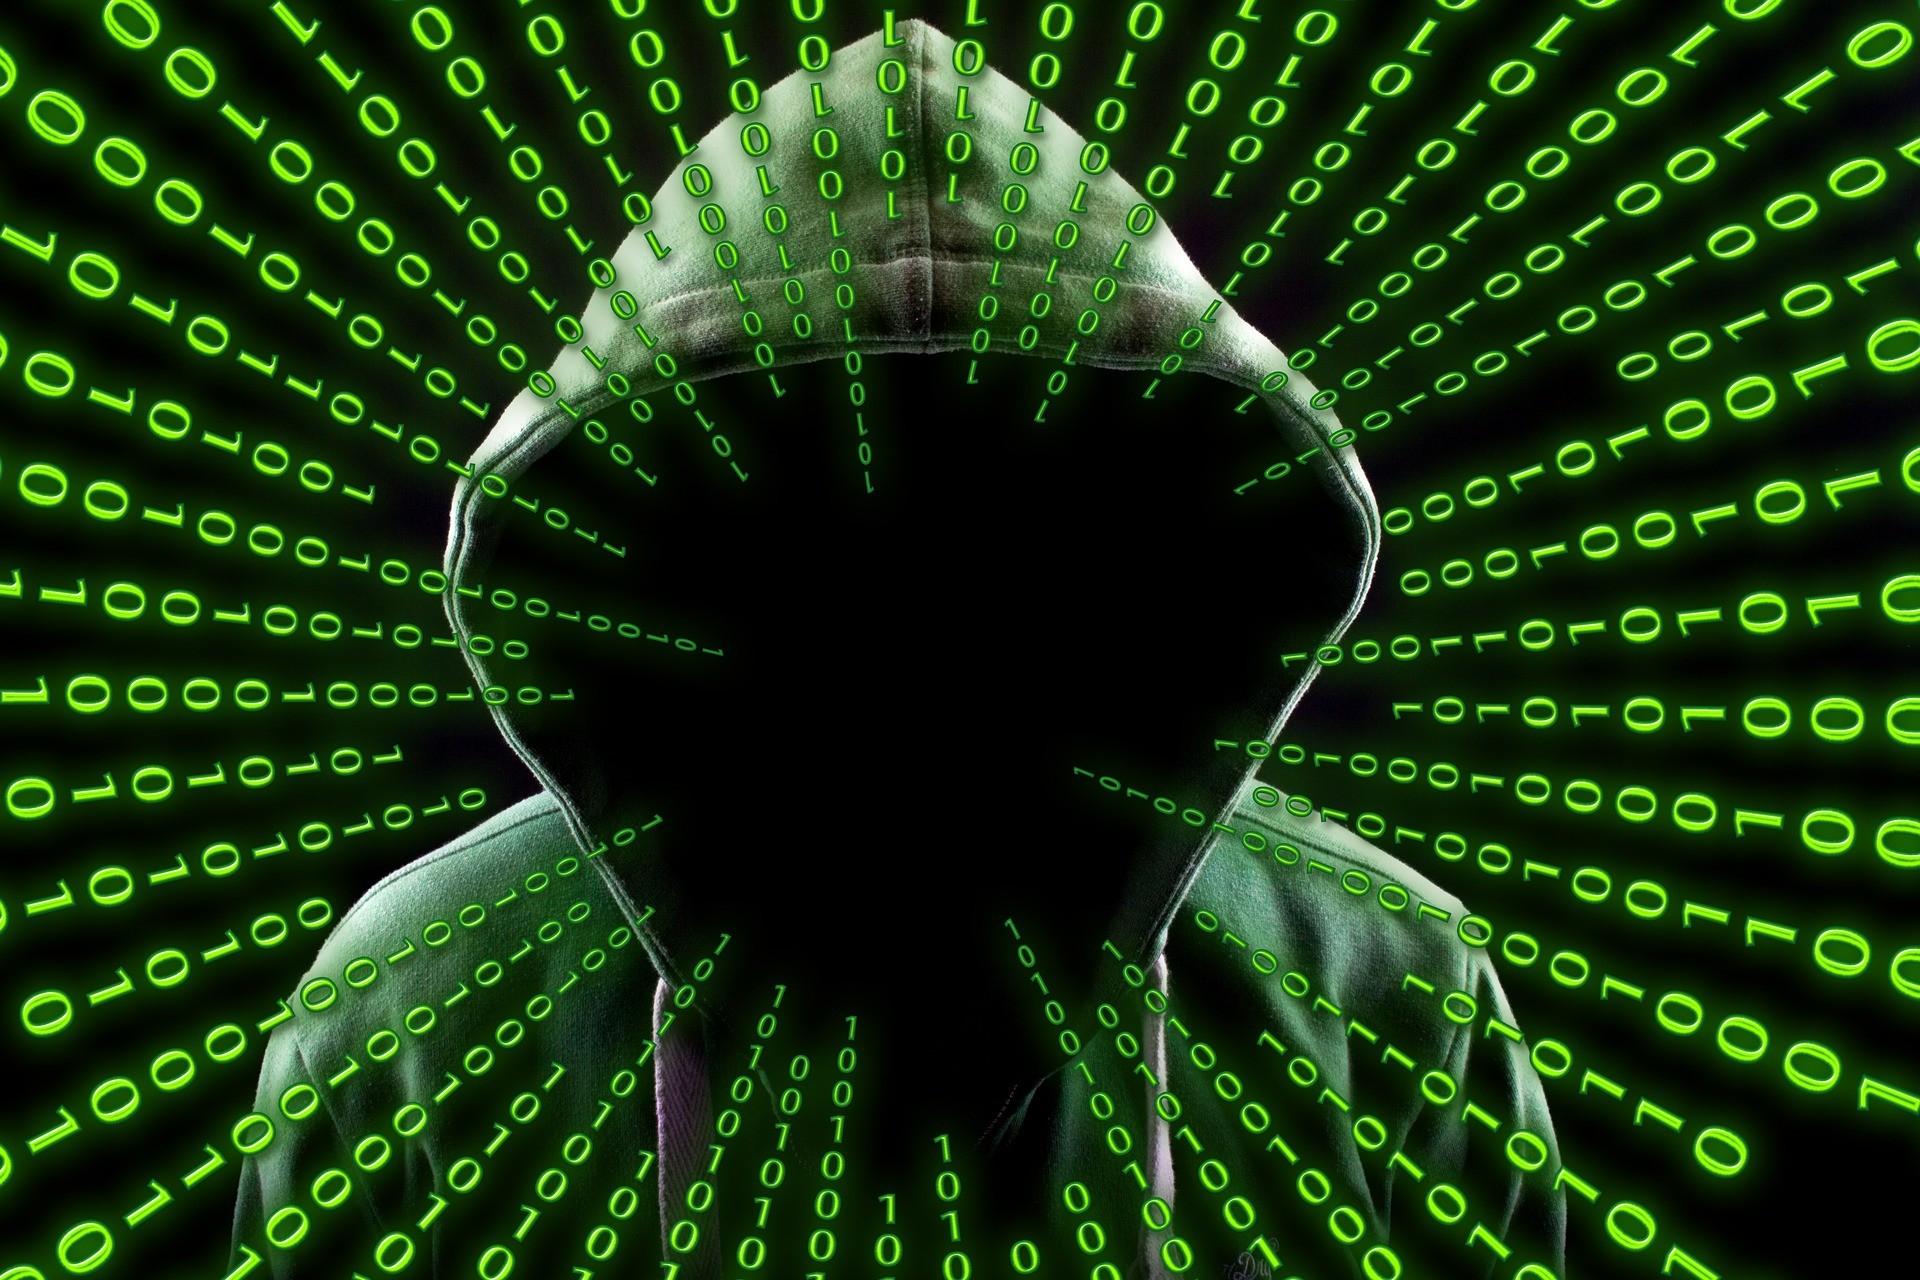 CyberAttaques en augmentation de plus de 100% depuis 2015